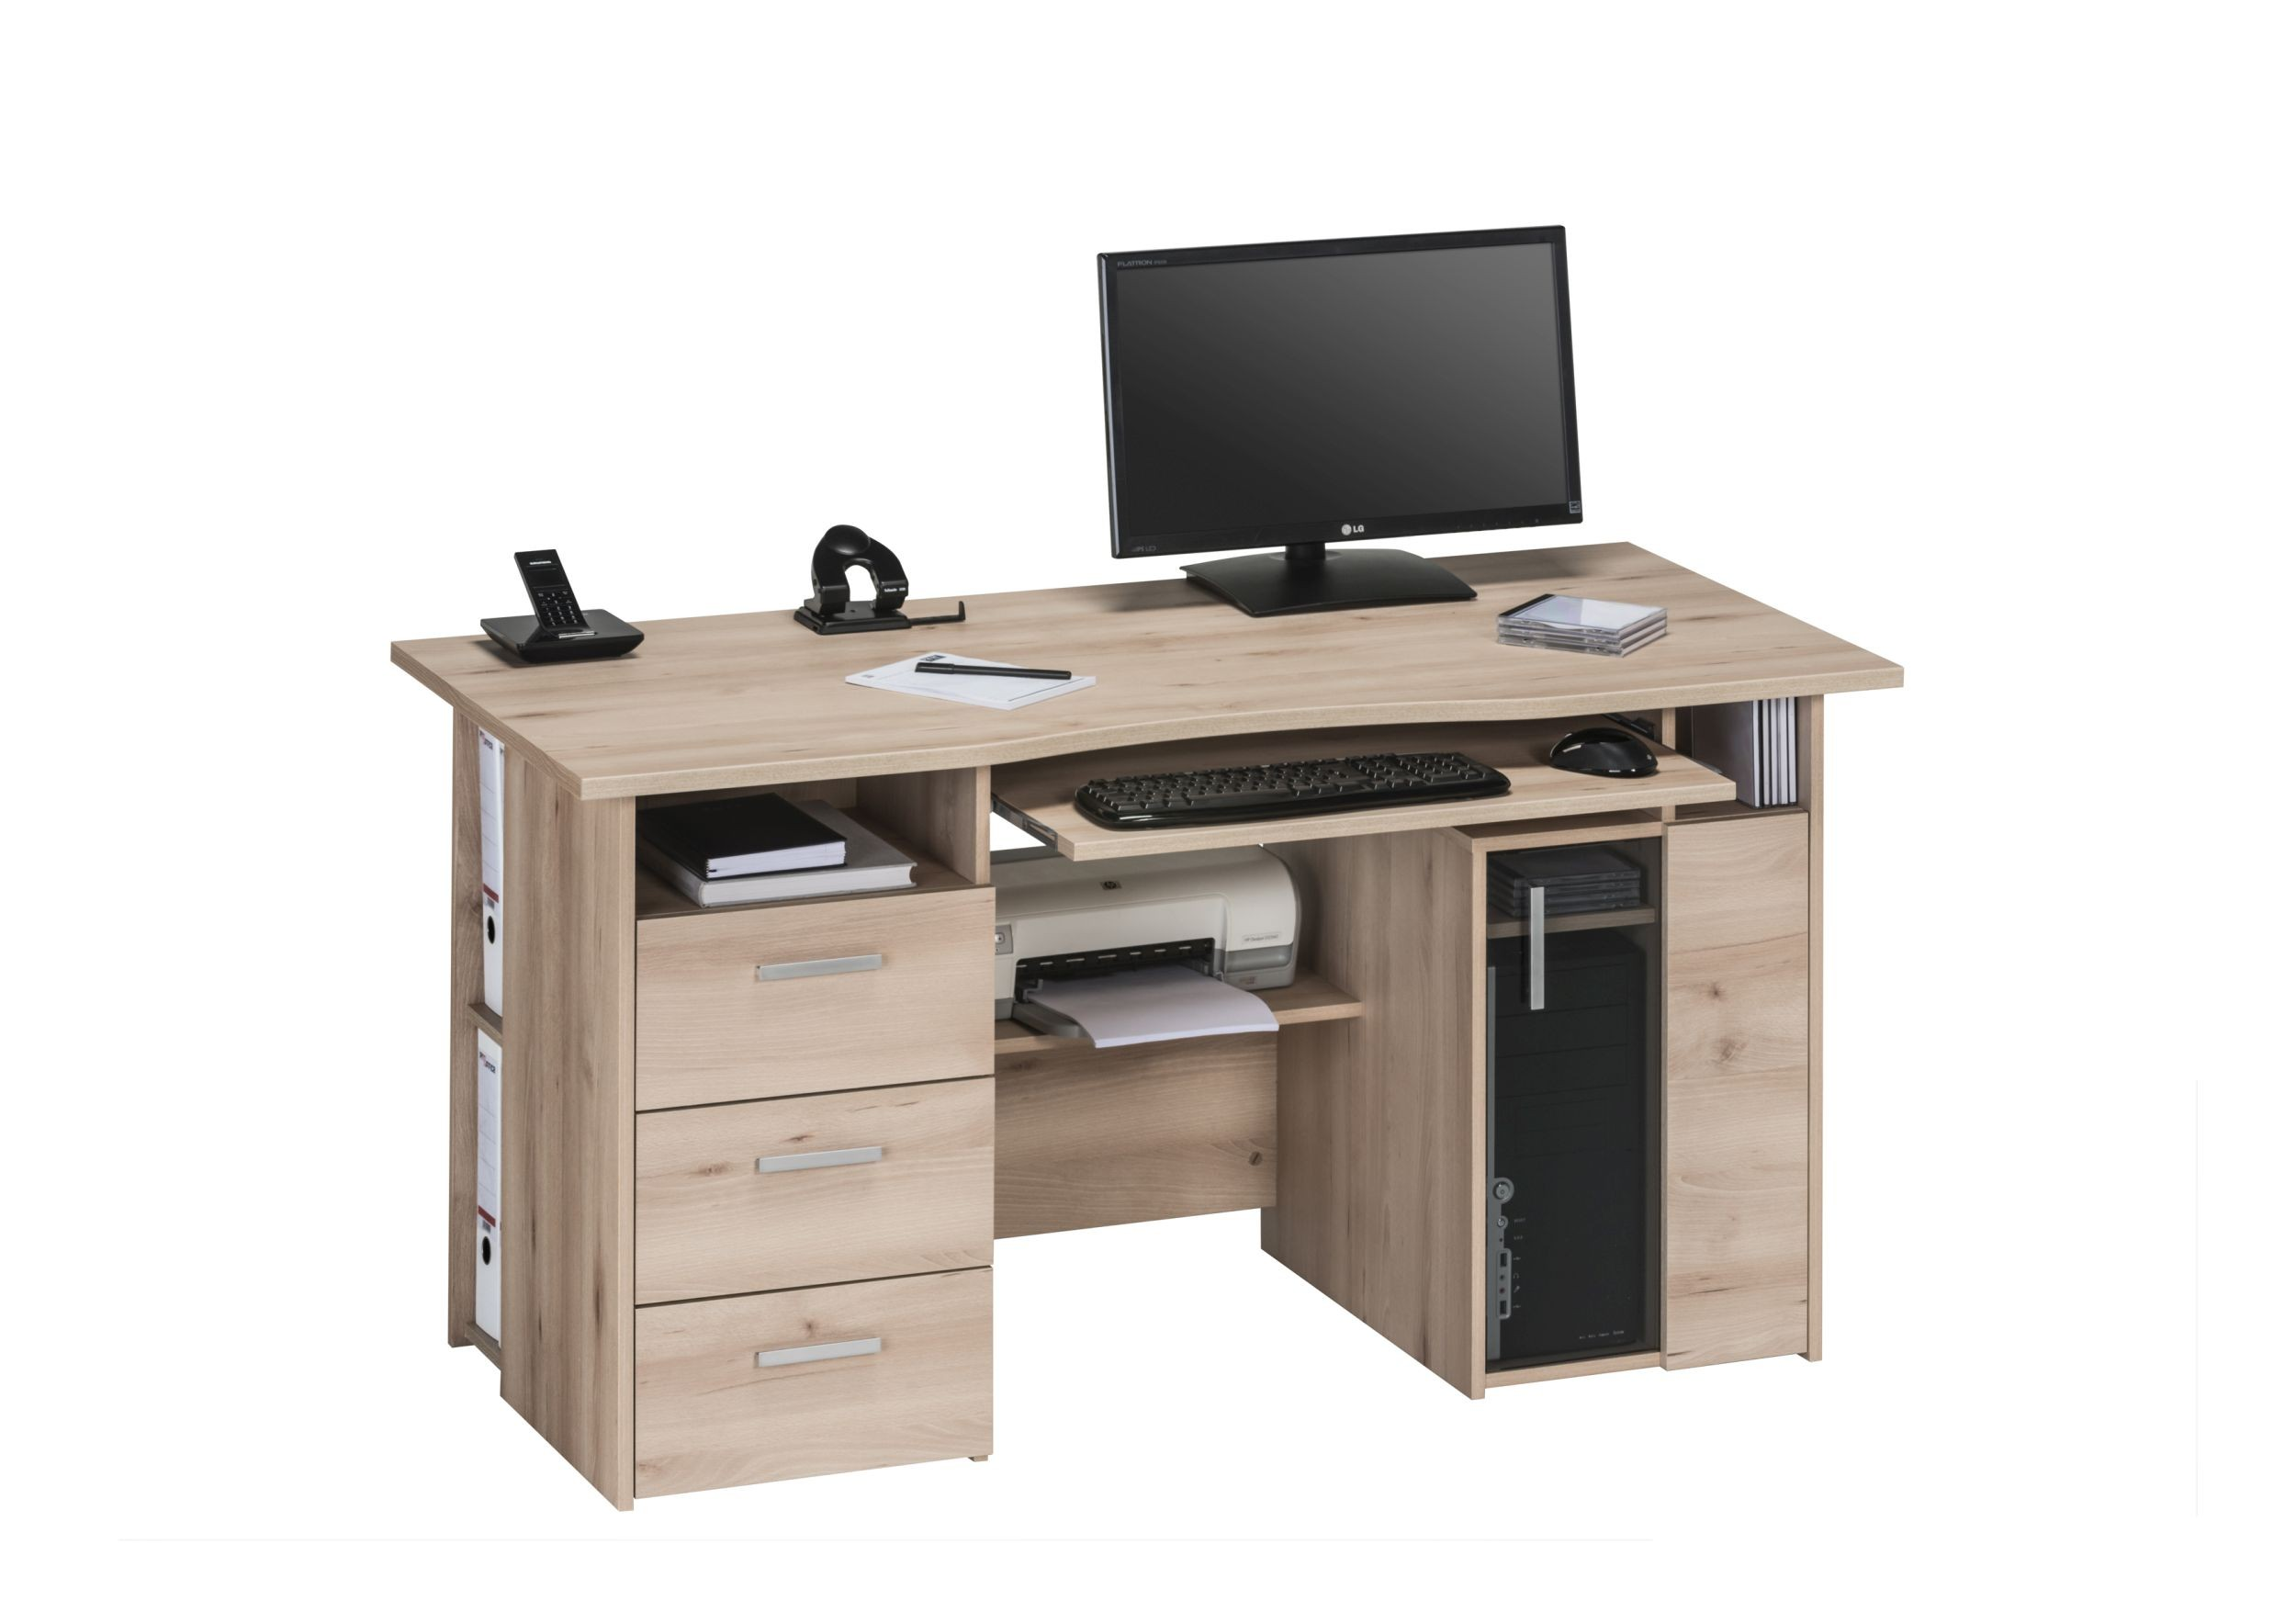 schreibtisch mod mj072 edelbuche h c m bel. Black Bedroom Furniture Sets. Home Design Ideas